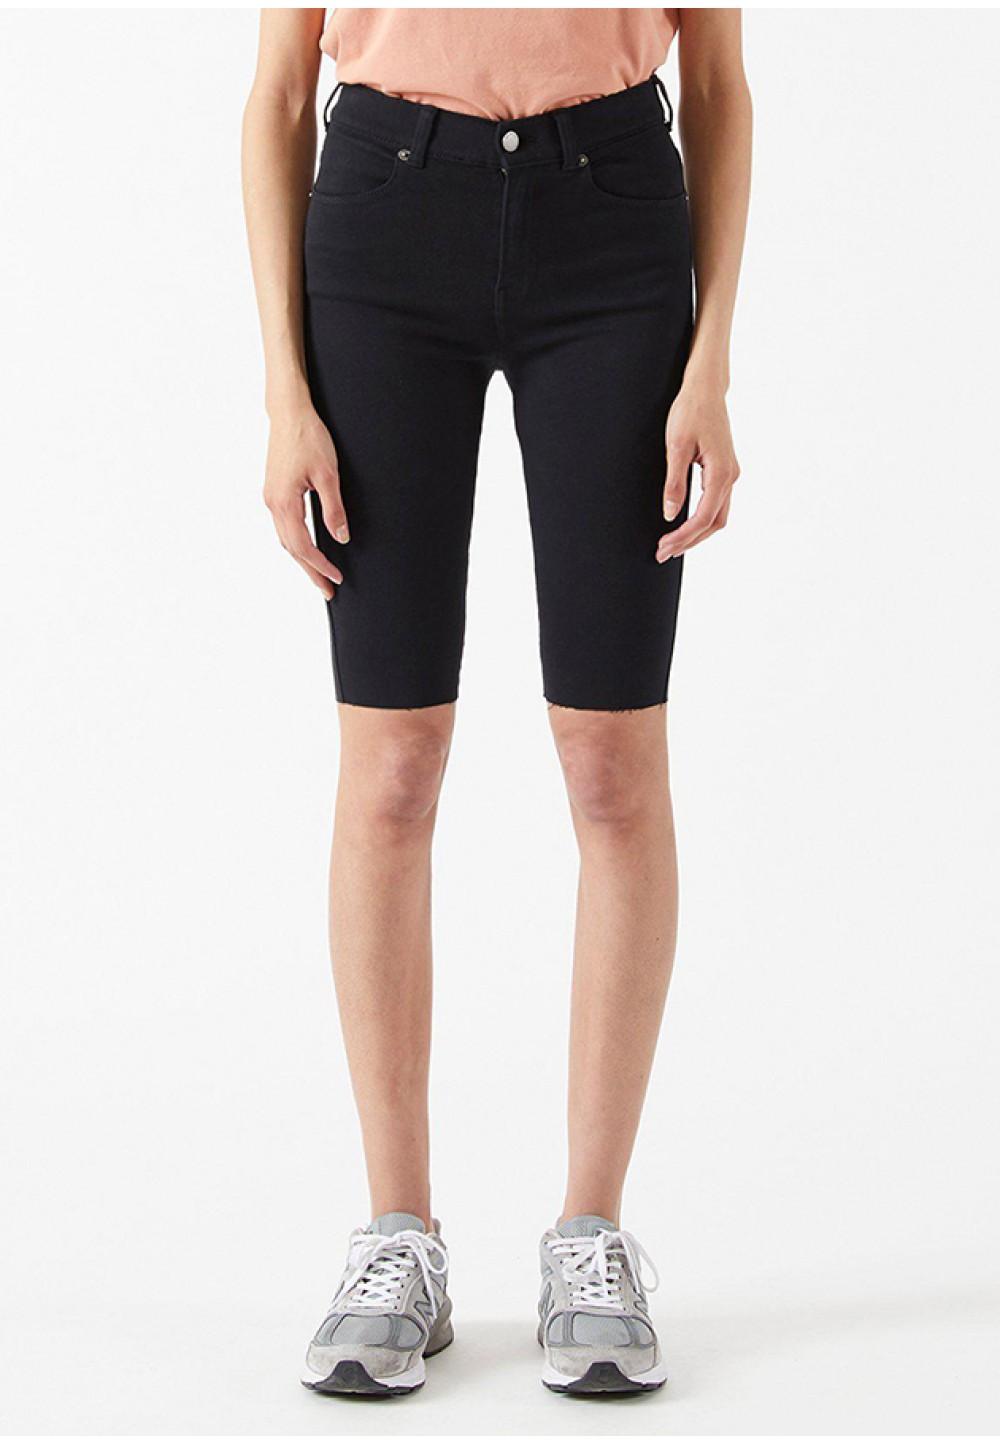 Чорні жіночі шорти до колін